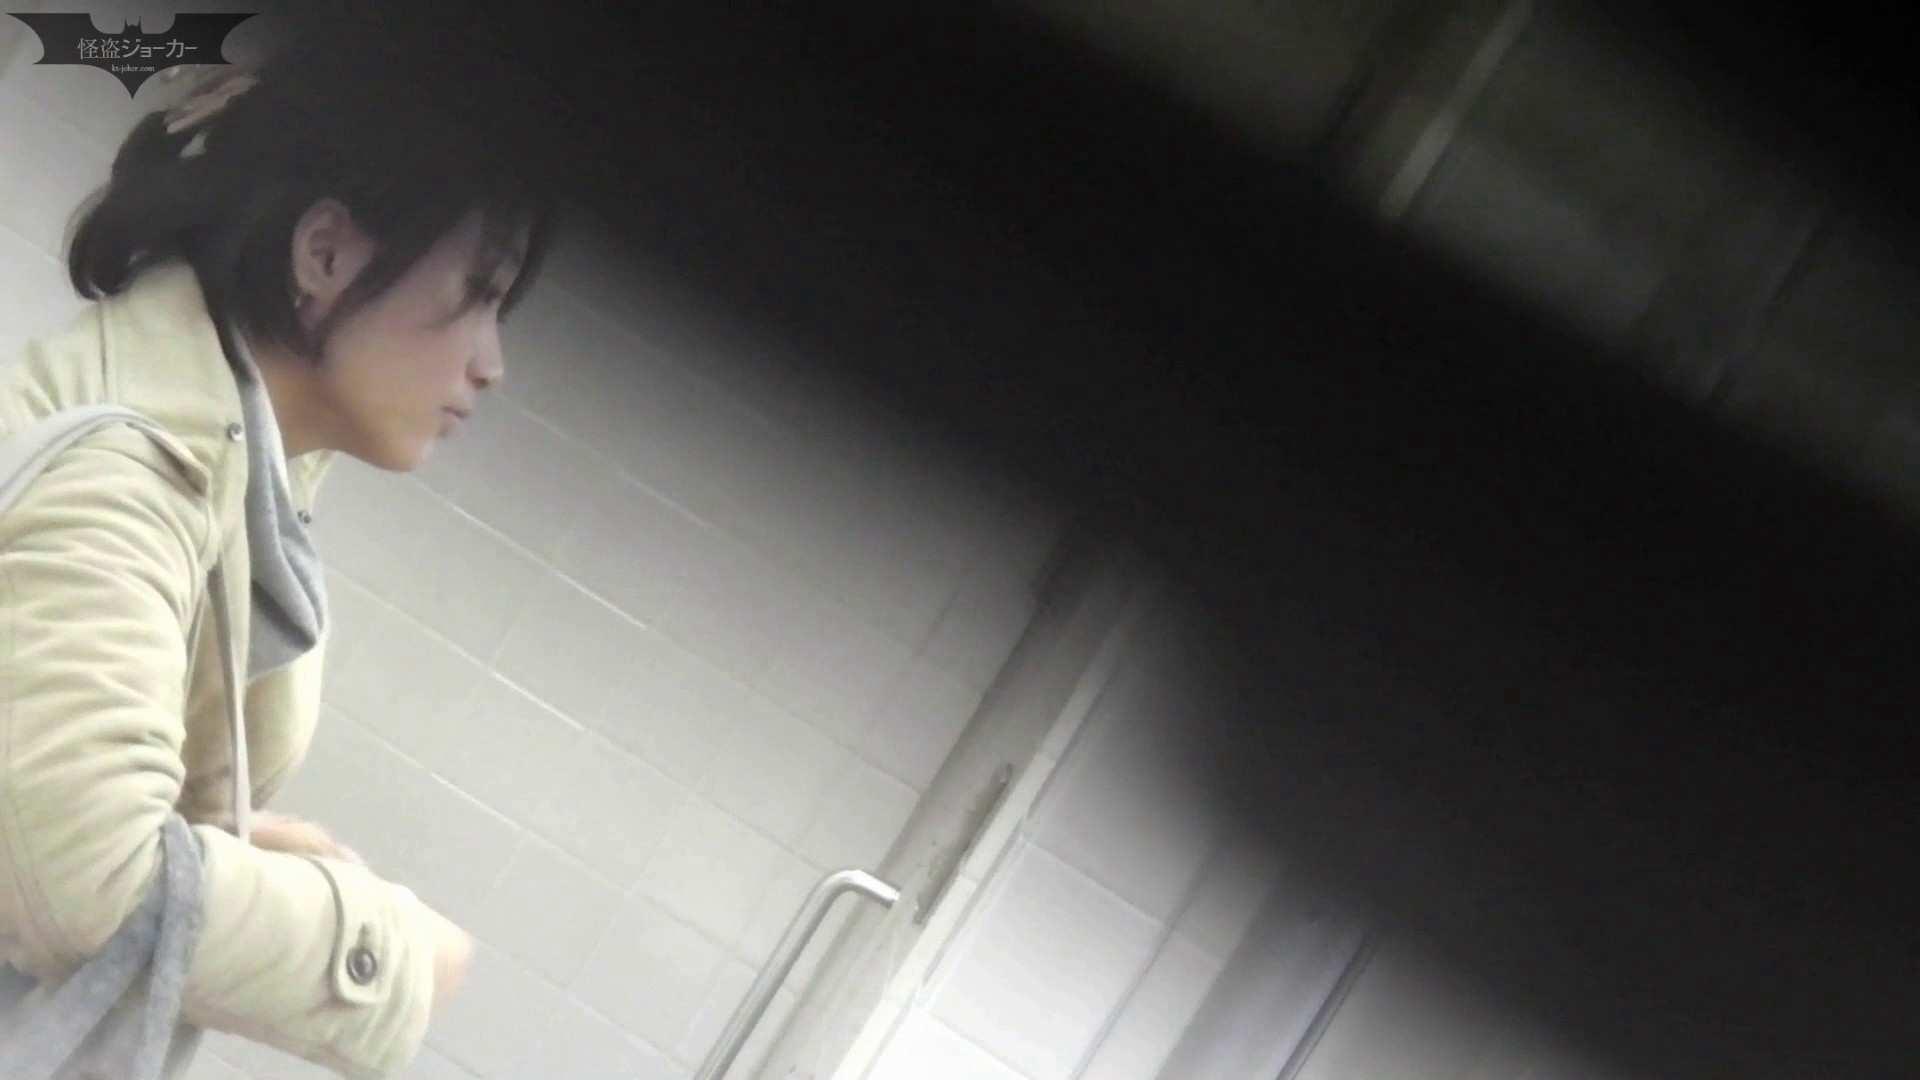 お銀さんの「洗面所突入レポート!!」 vol.54 エロすぎる捻り? お姉さん攻略 エロ画像 84画像 59